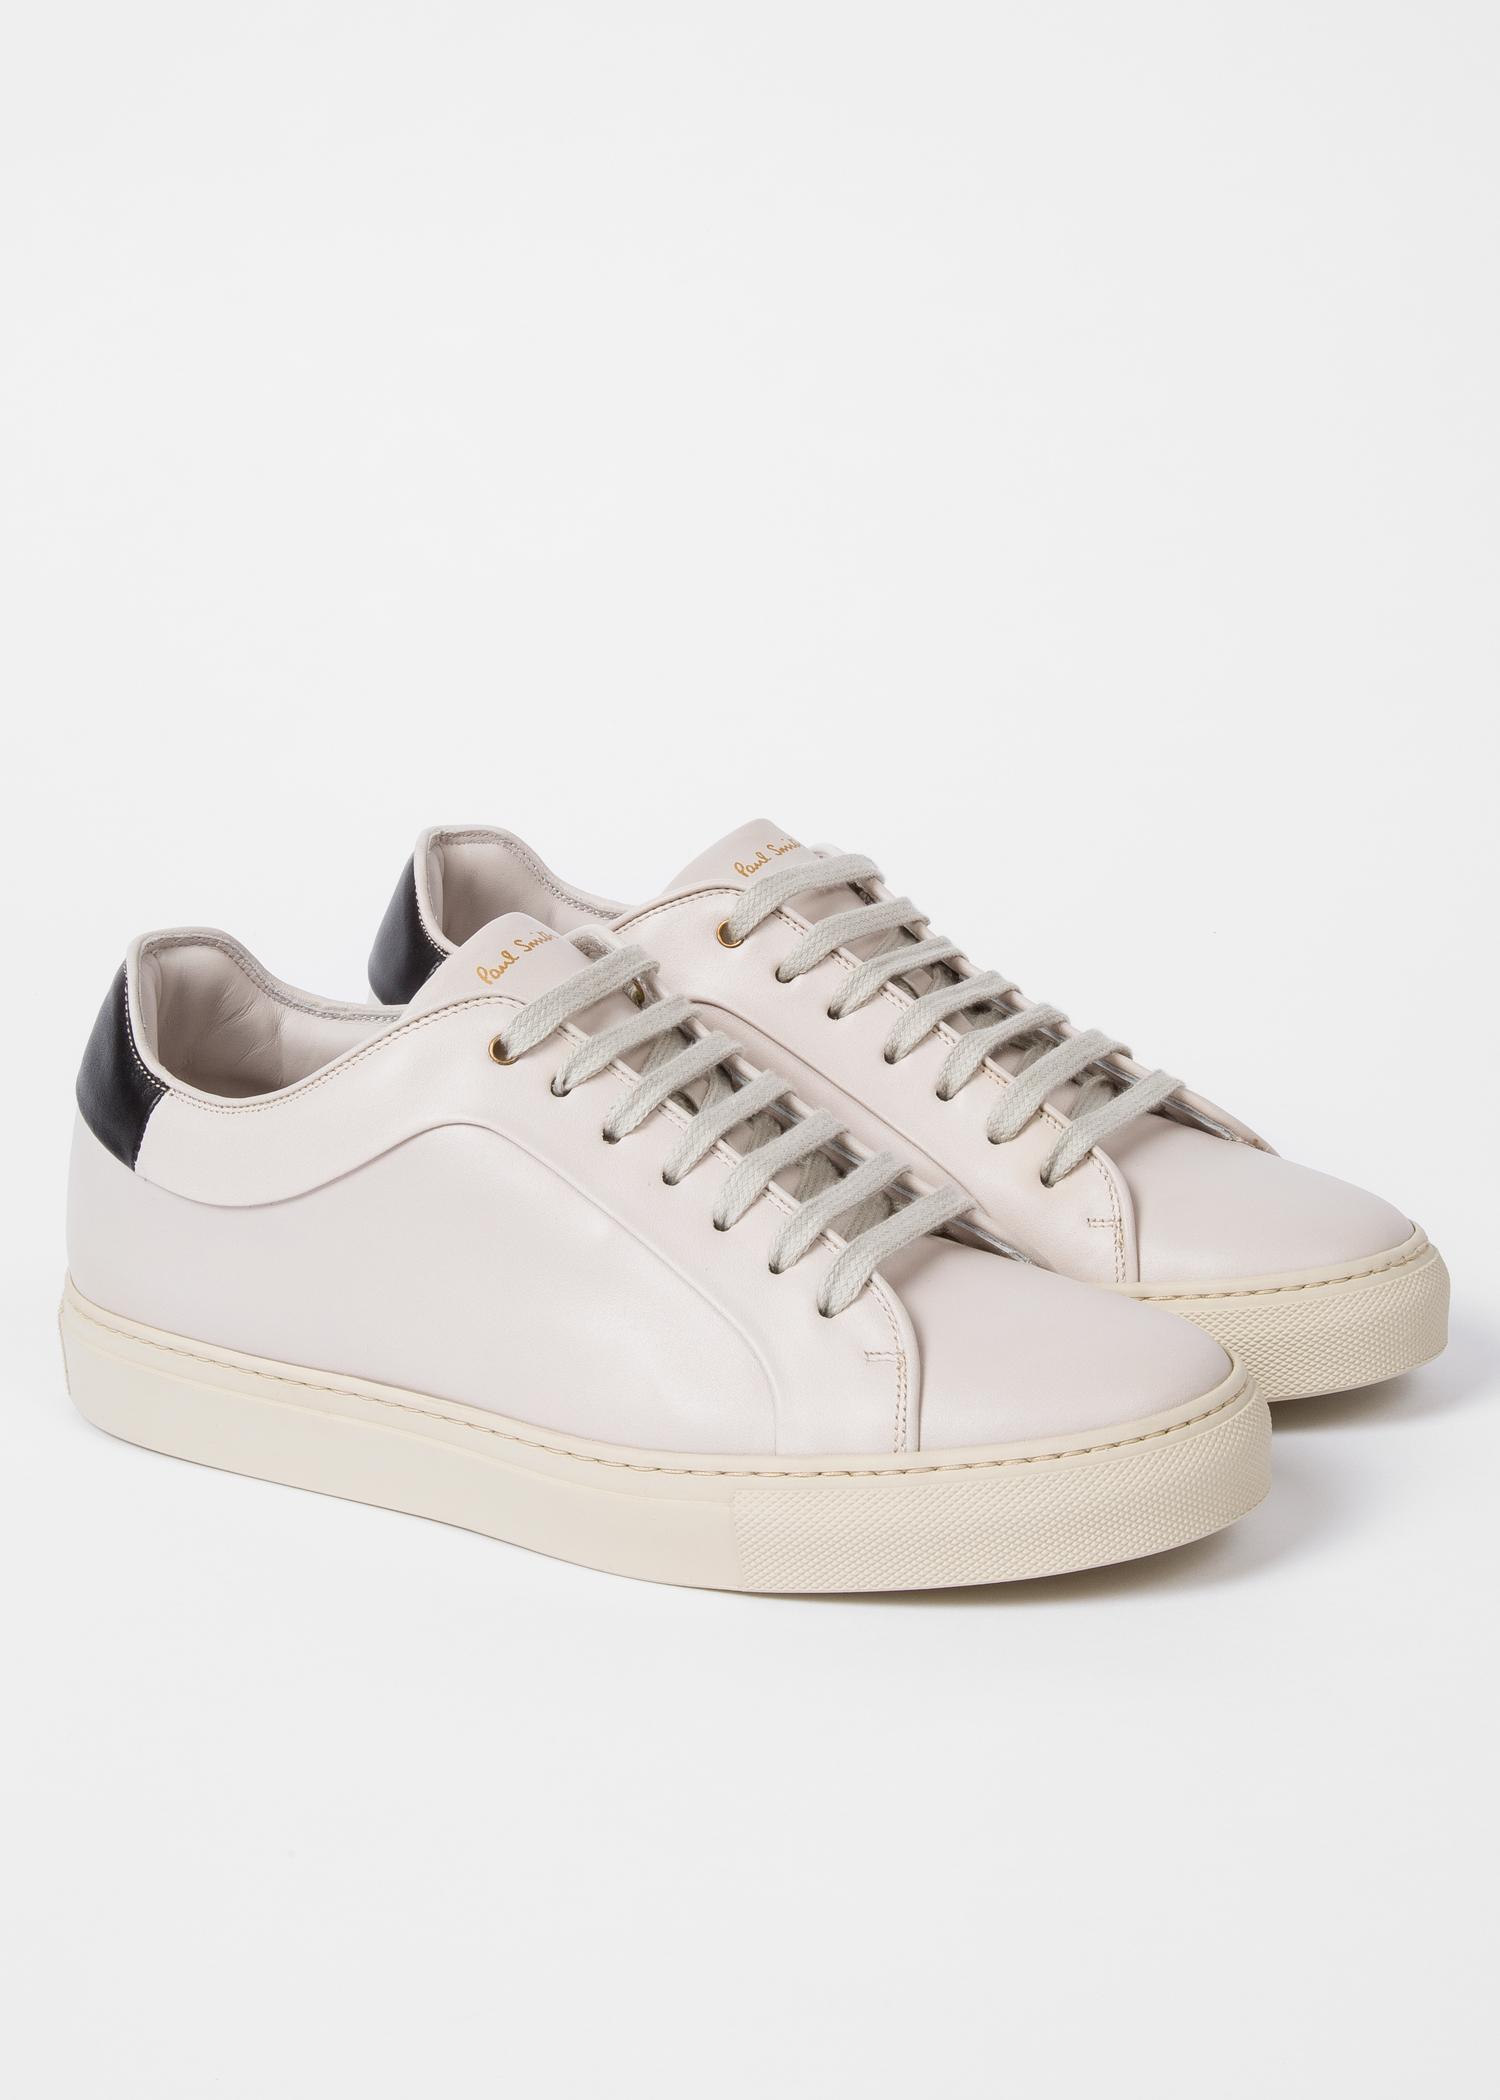 Smith Sneakers Sneakers Cuir En Paul En x81BCXqwq